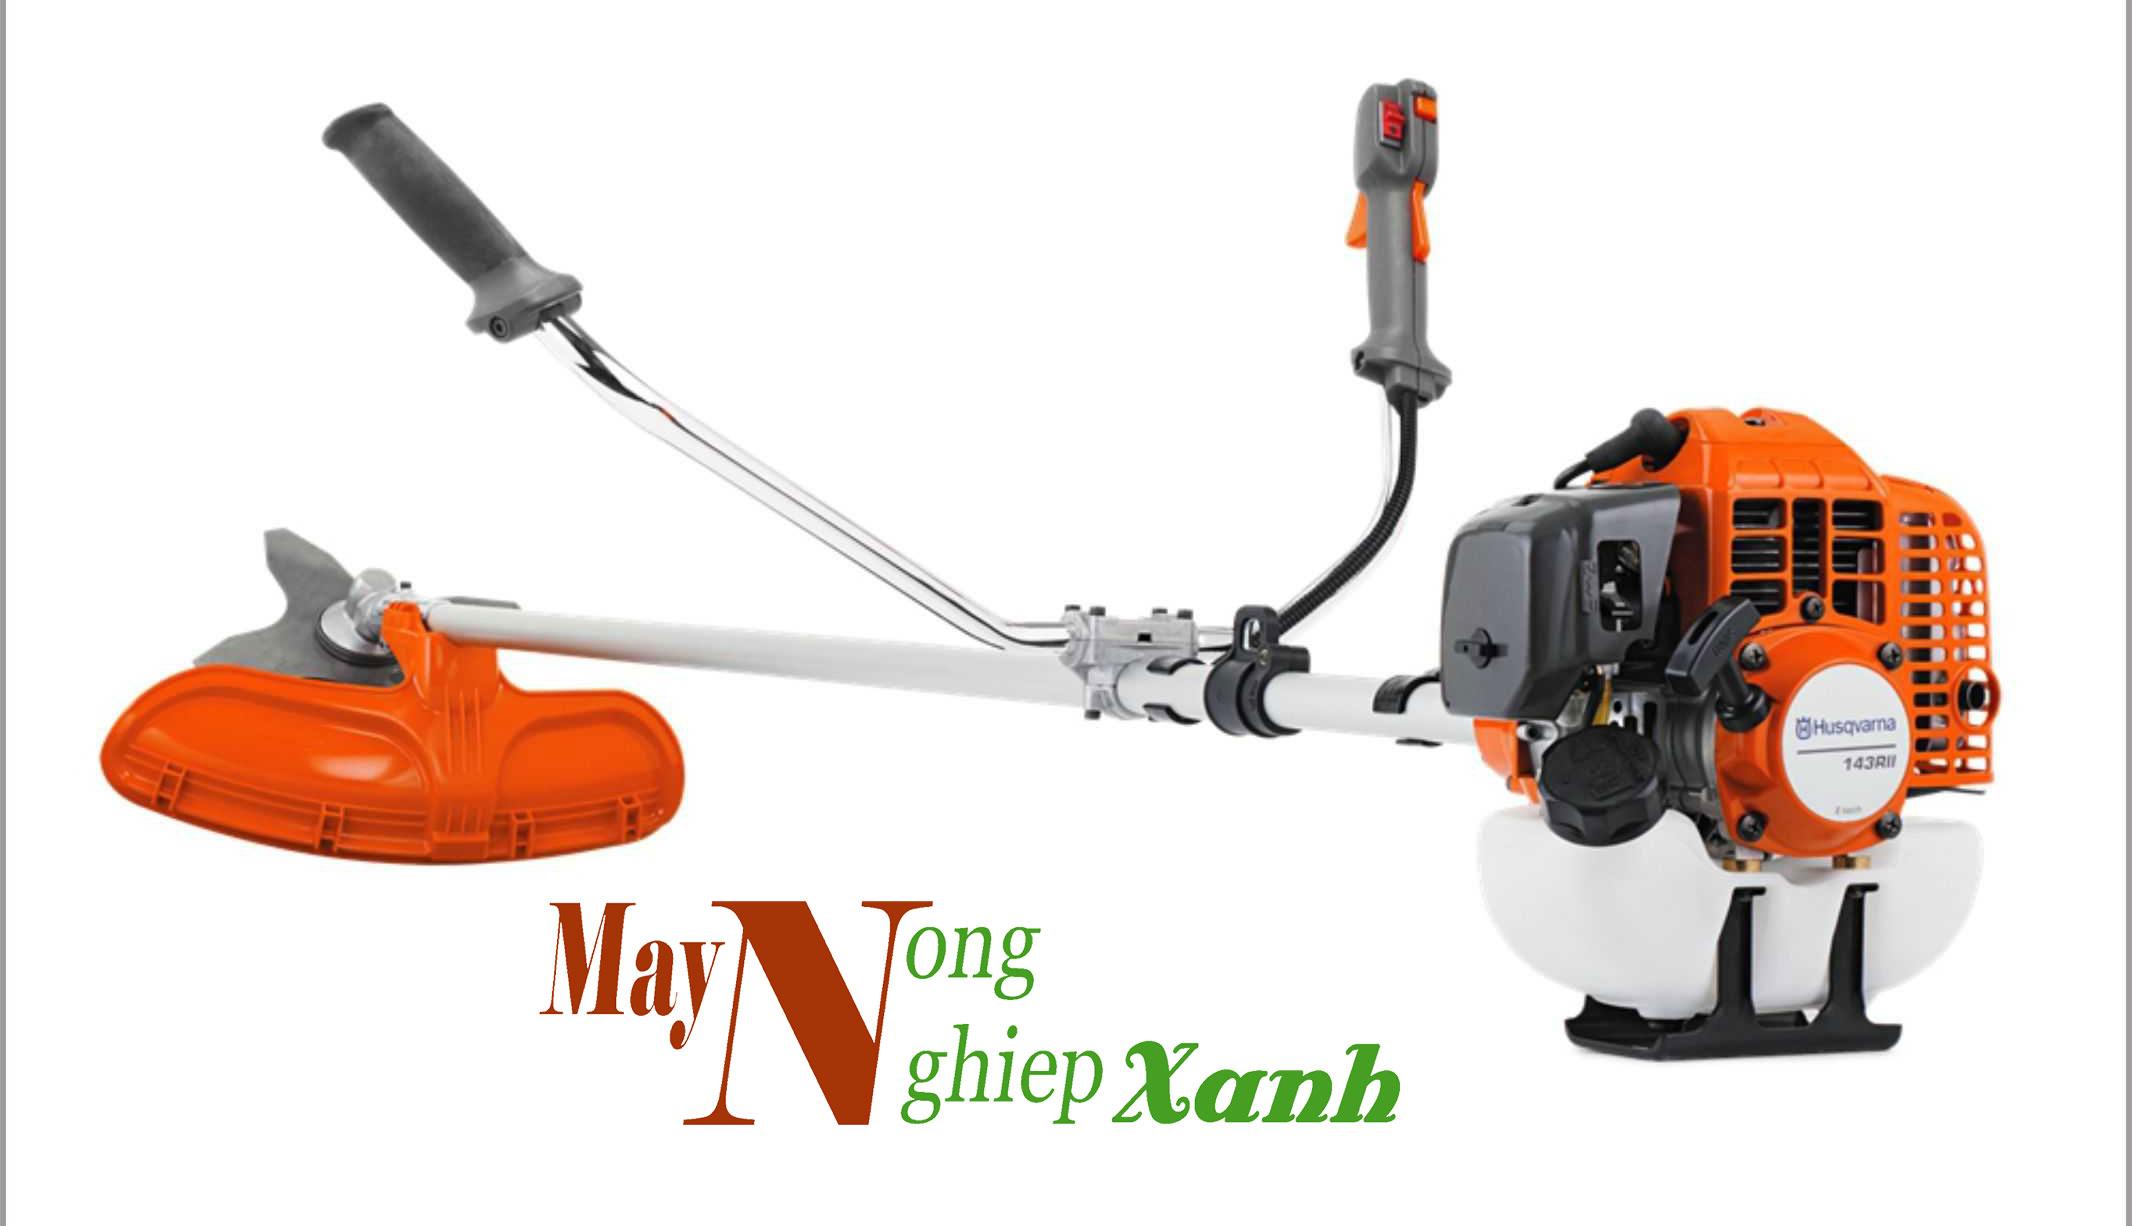 huong dan su dung may cat co an toan nhat 2 - Hướng dẫn sử dụng máy cắt cỏ an toàn và bảo dưỡng